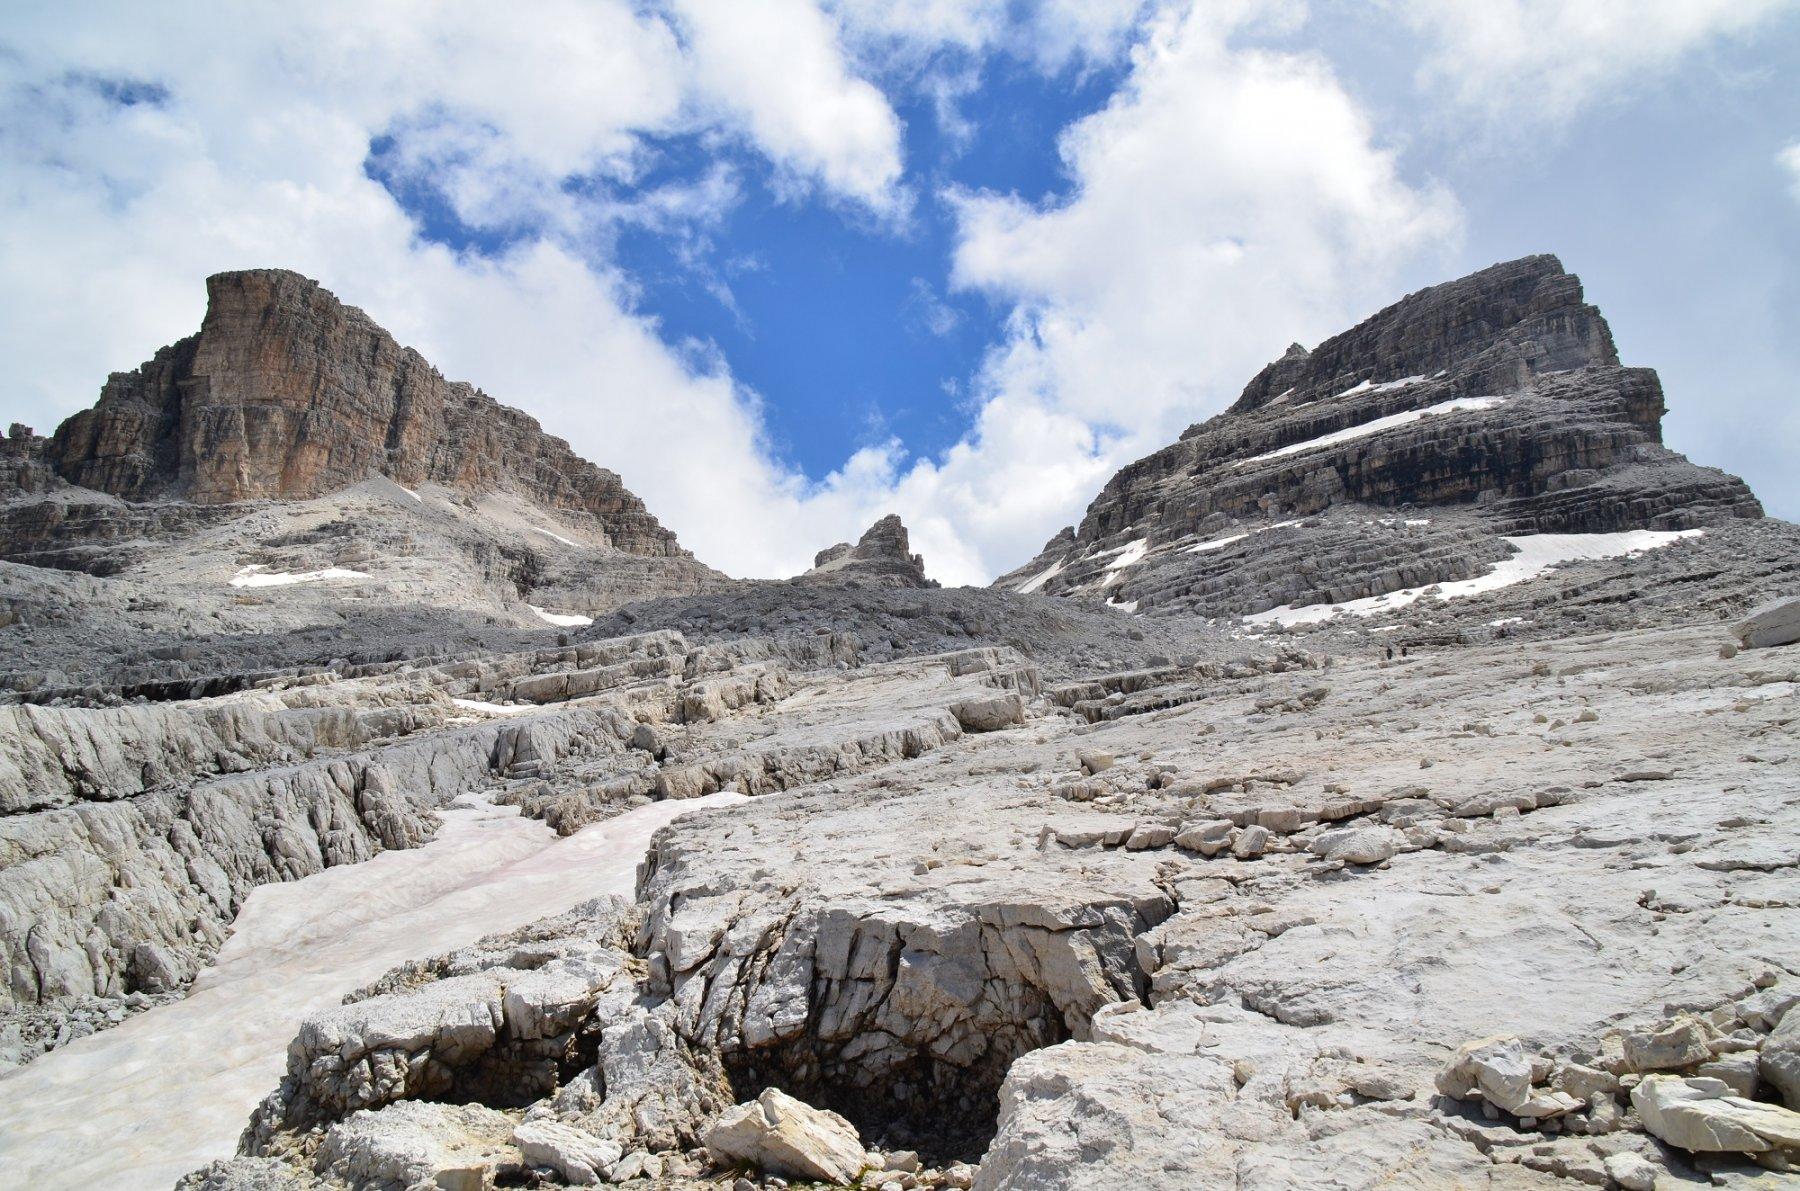 Da sinistra, Campanile di Vallesinella, Rocca delle Val Perse e Cima Sella